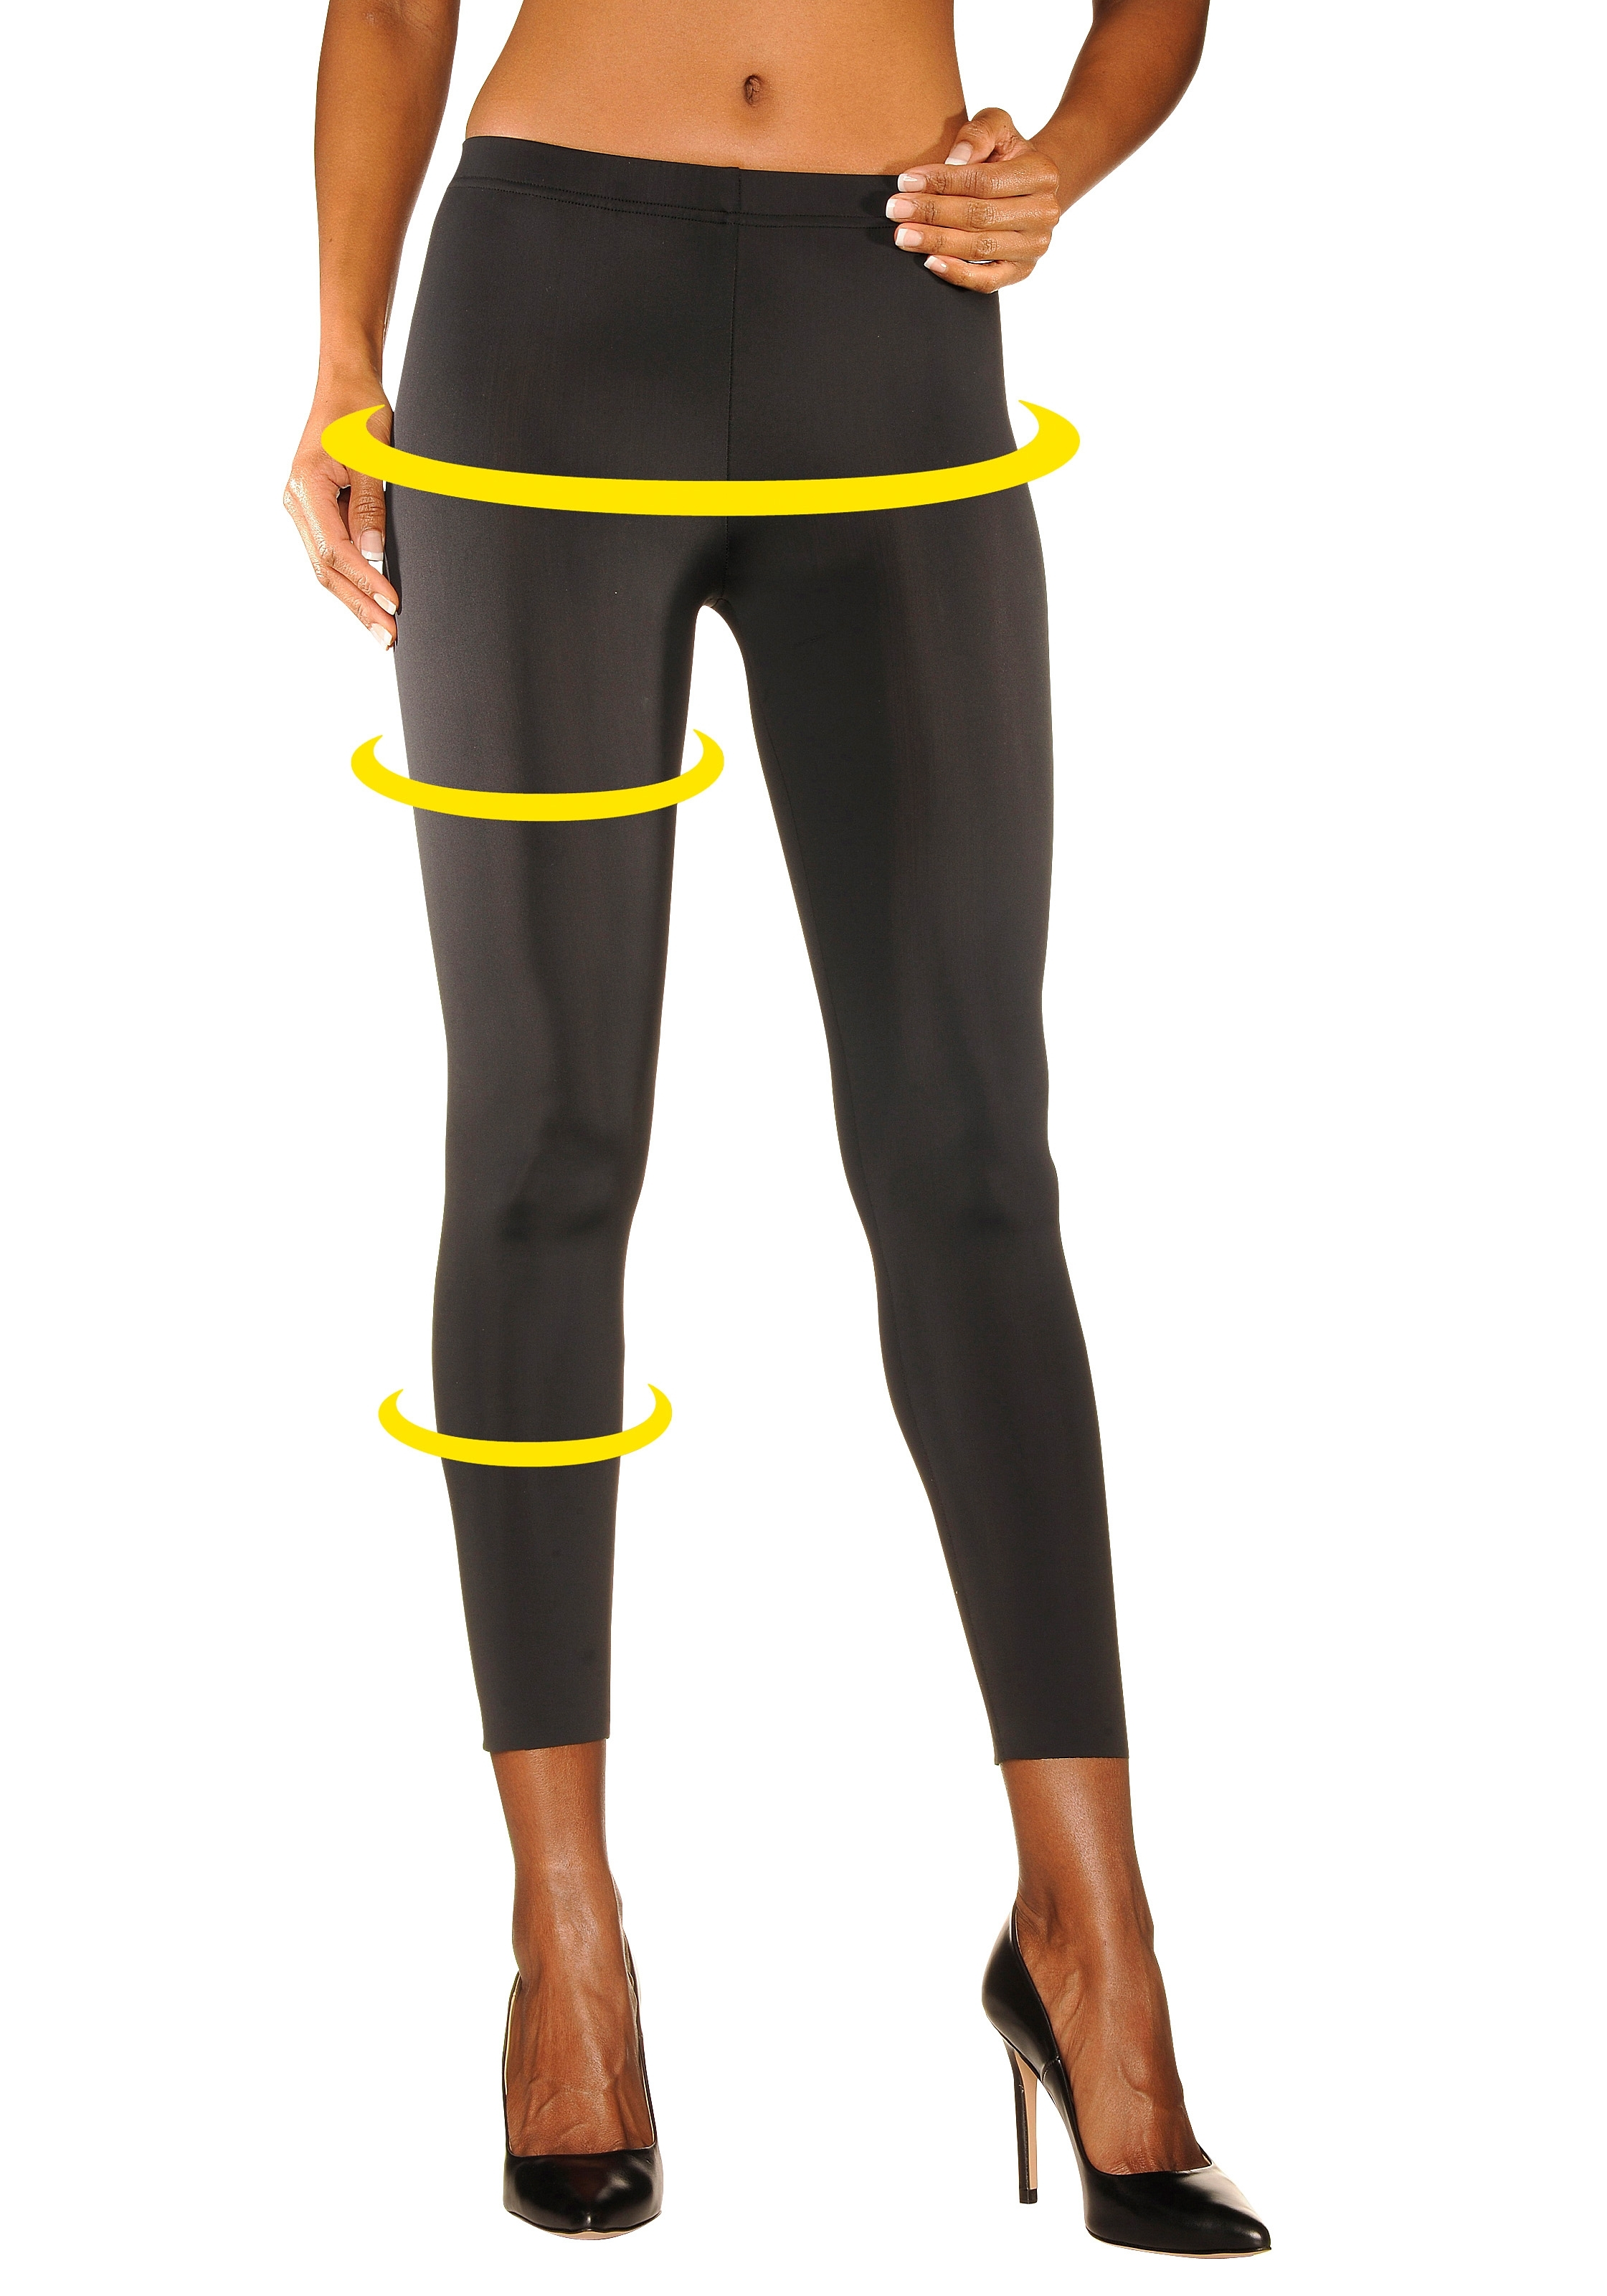 Op zoek naar een LASCANA Modellerende legging? Koop online bij Lascana